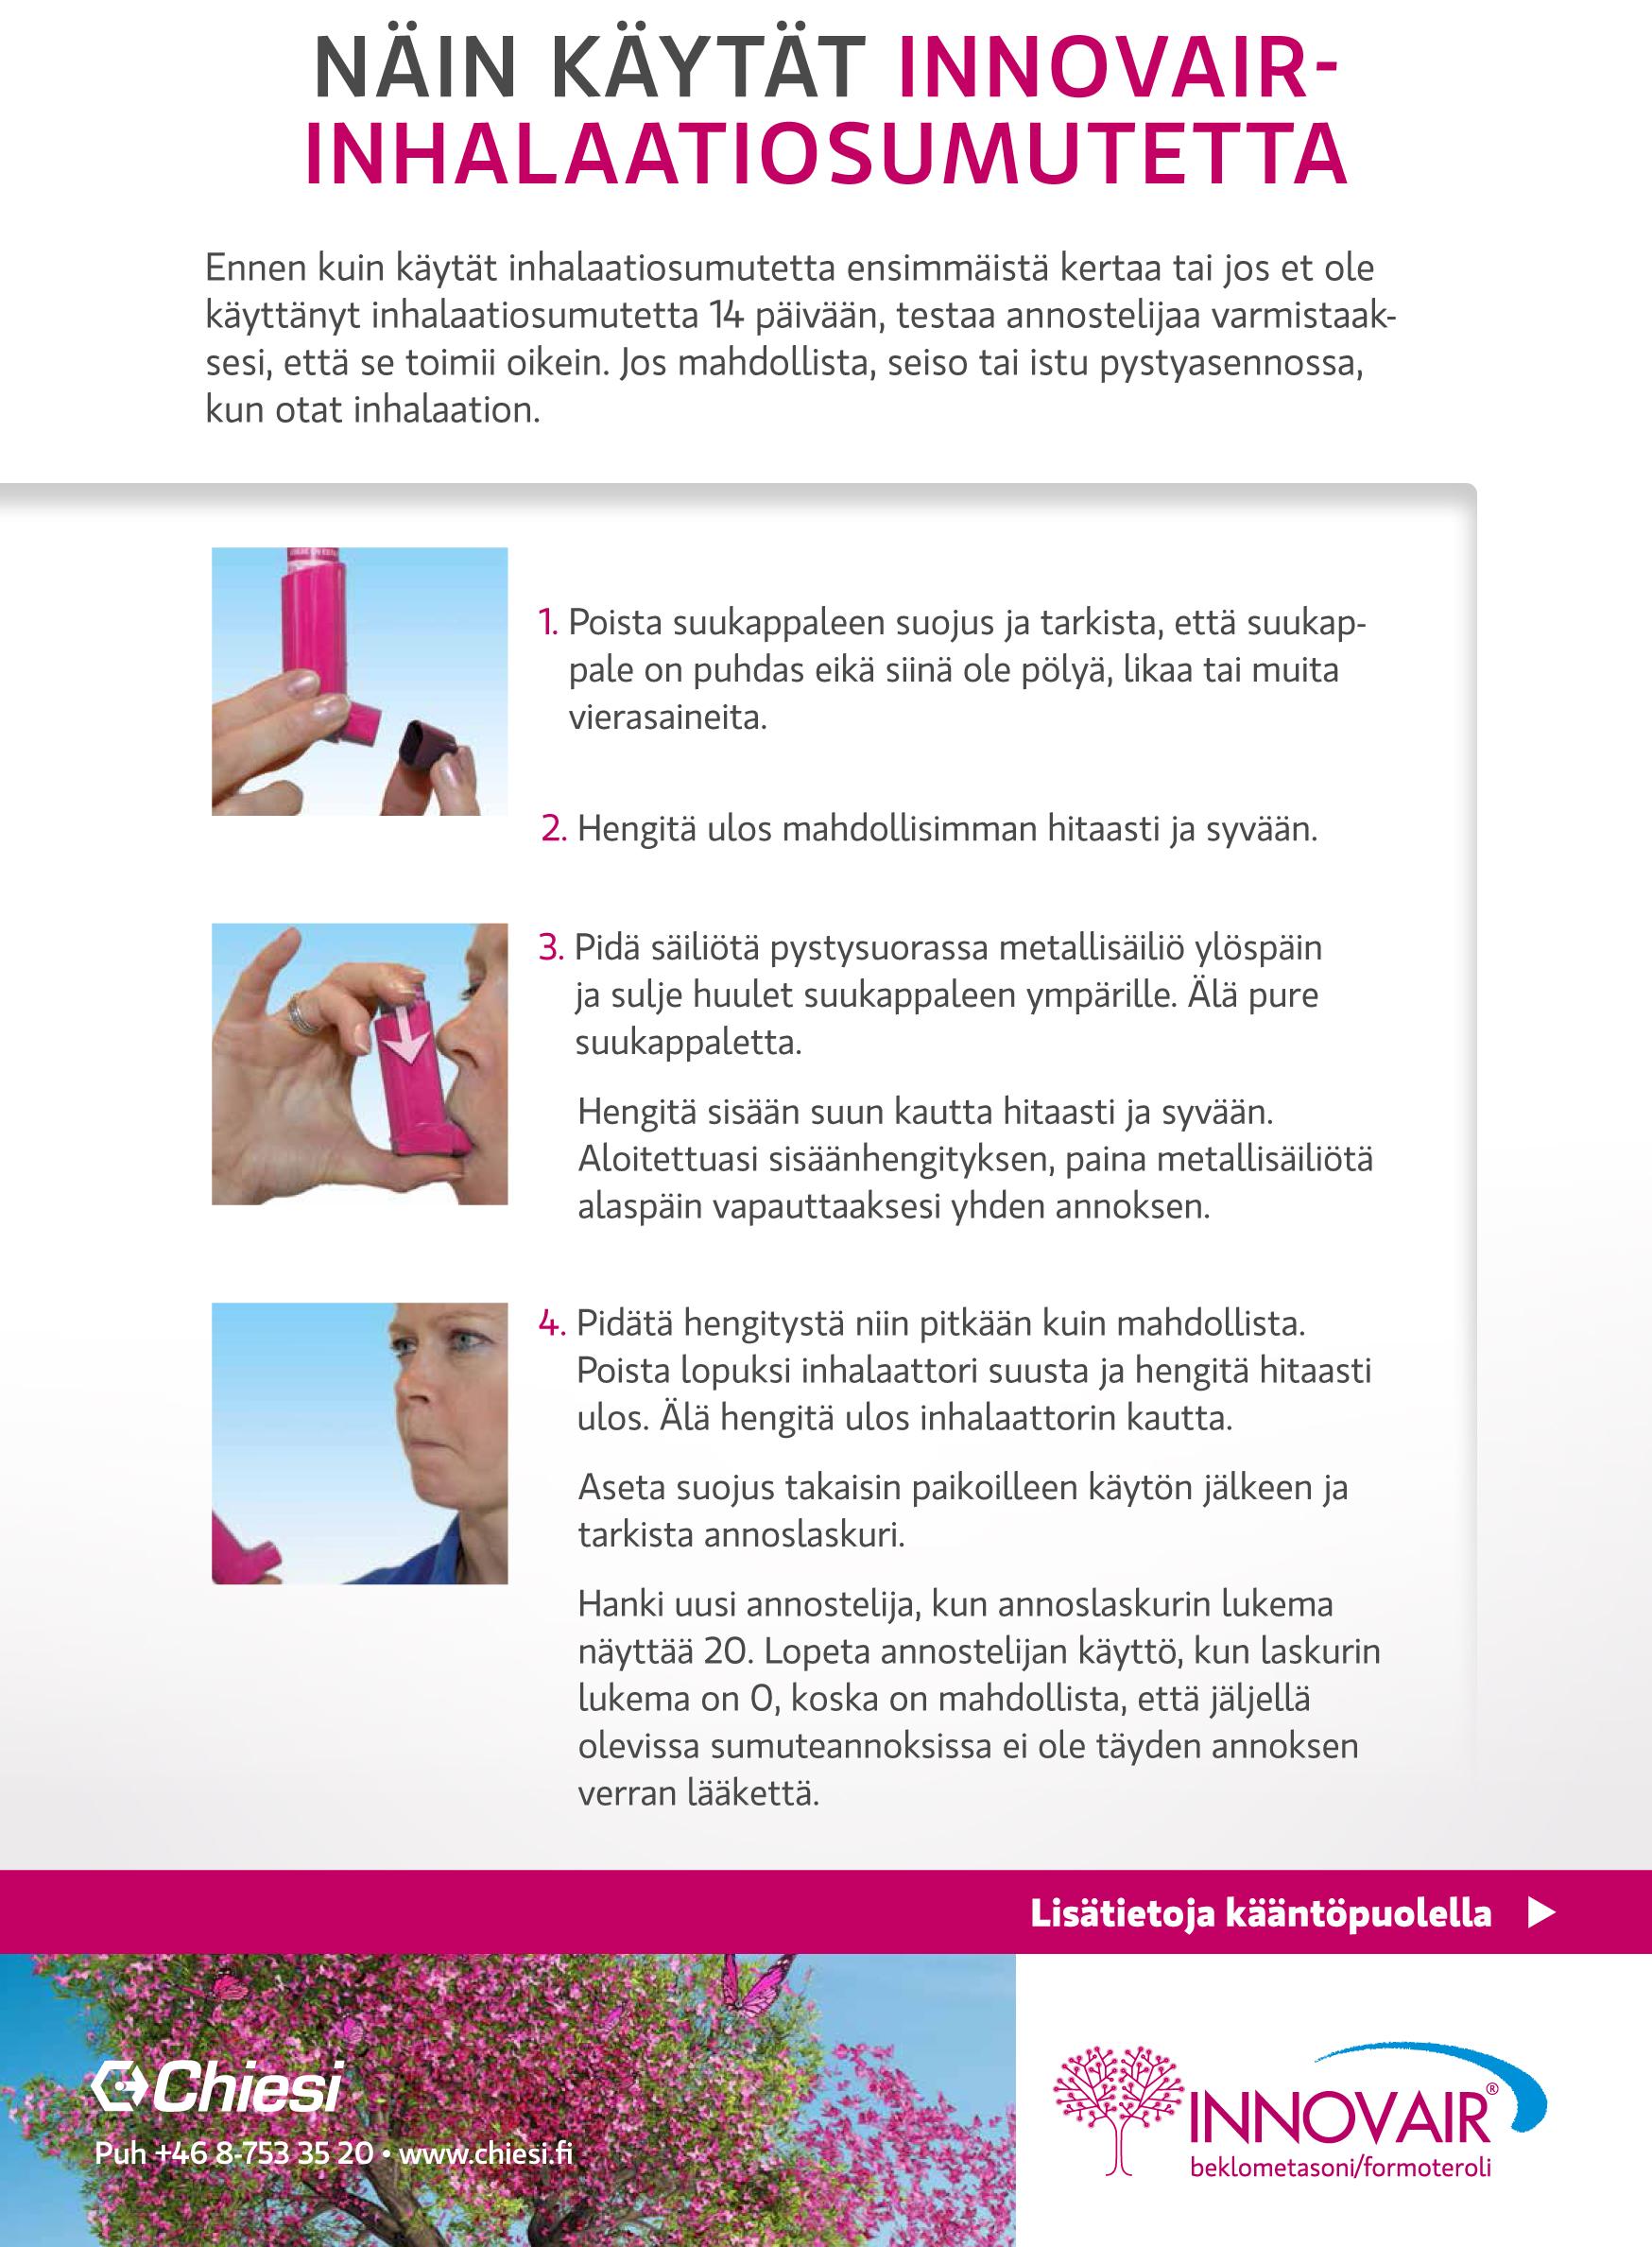 innovair-suihke-potilasohje-1.jpg